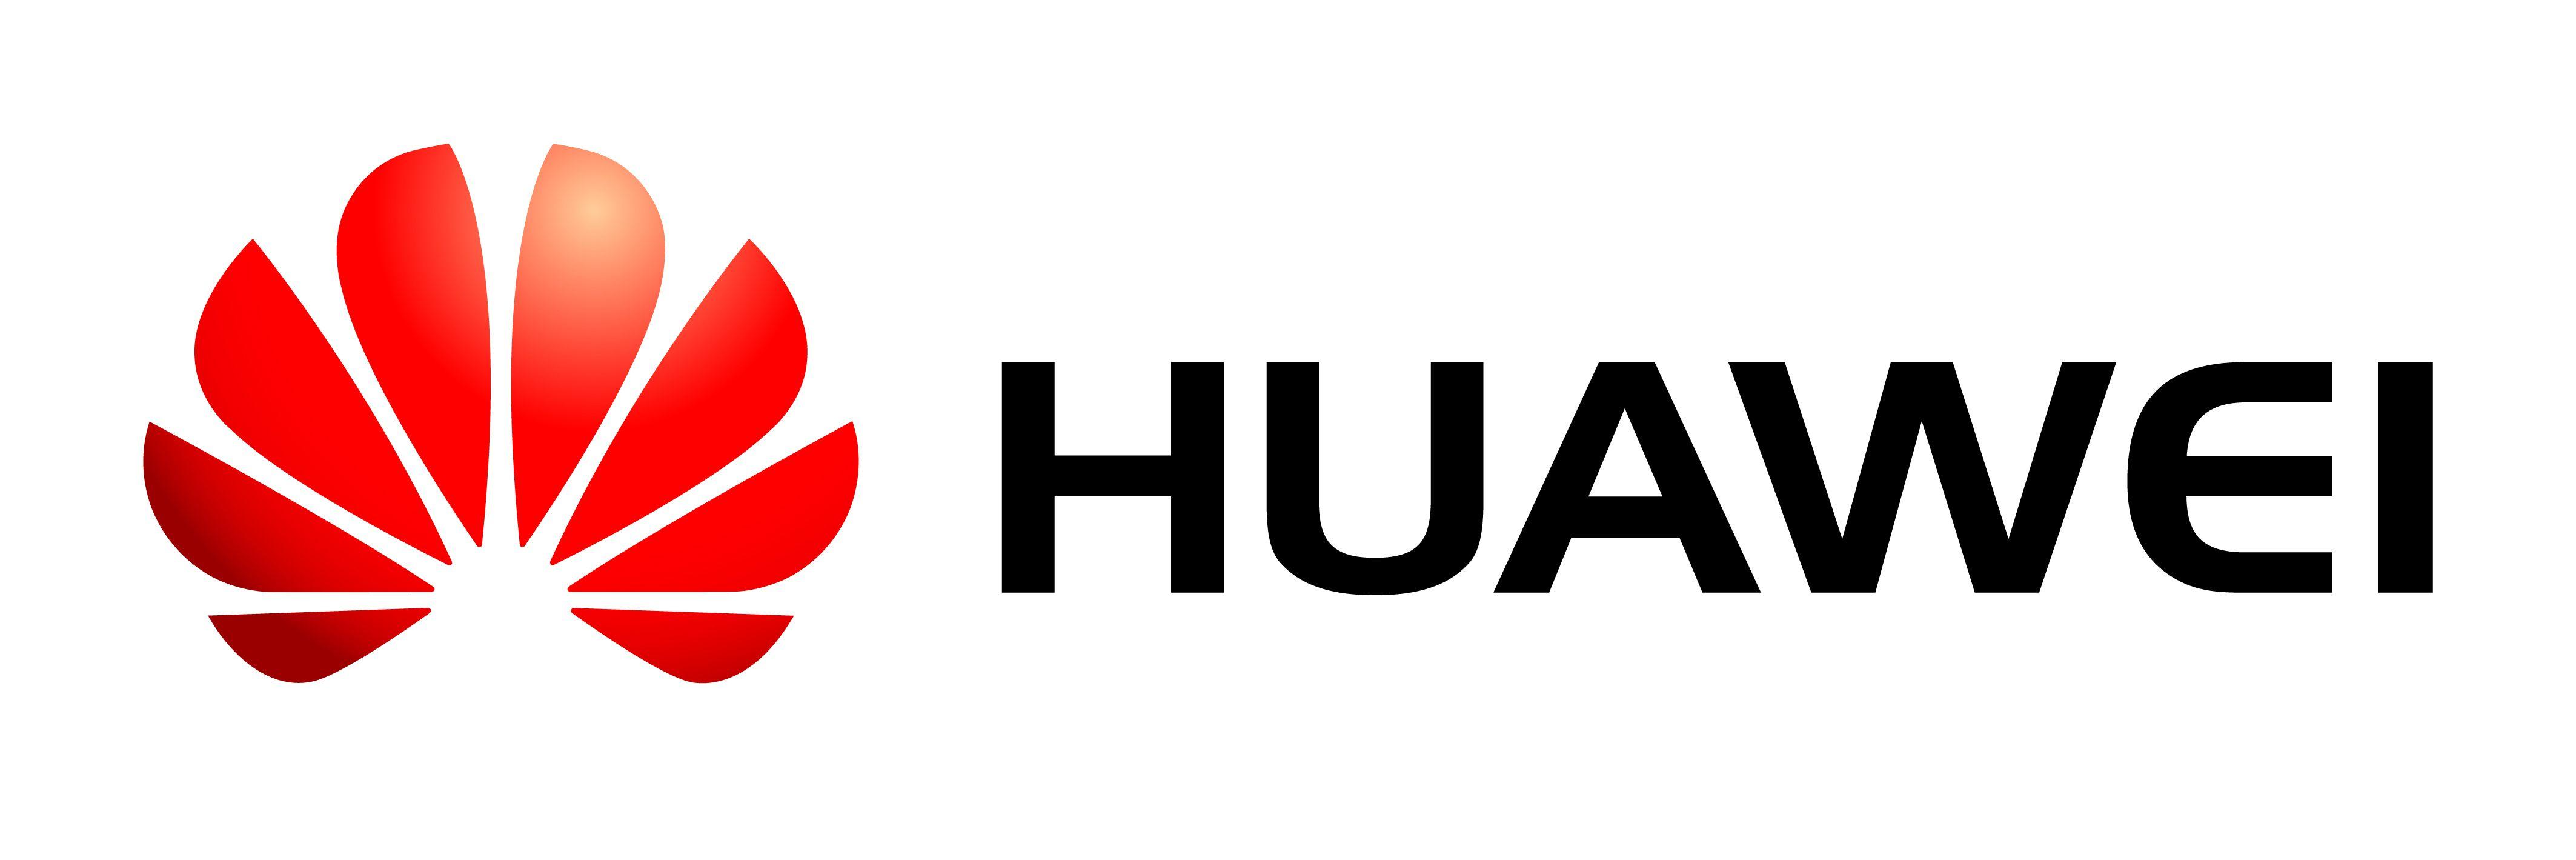 Anandtech dévoile que Huawei triche dans les benchmarks